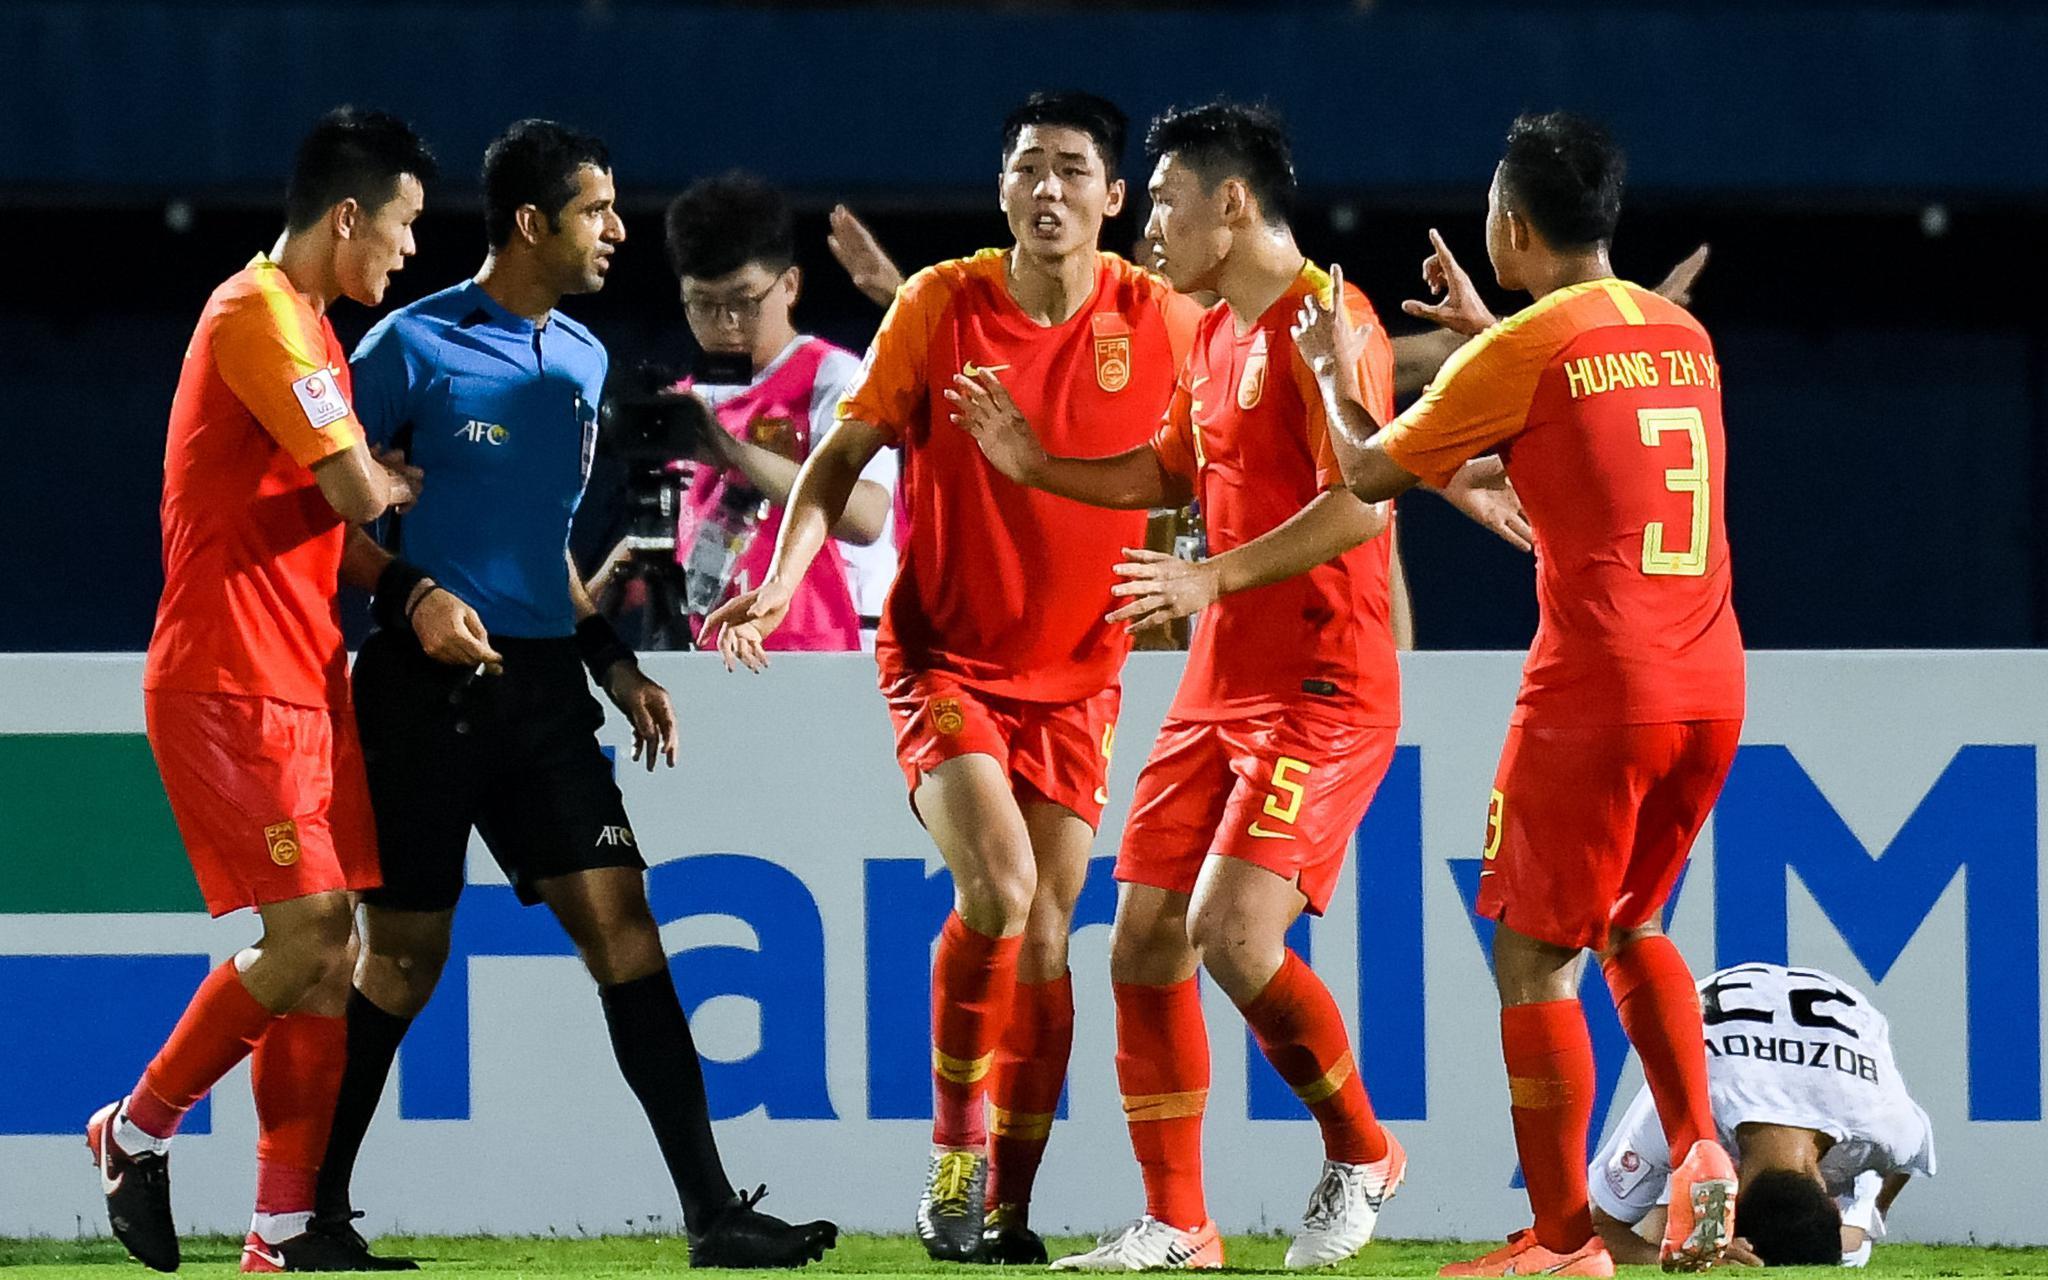 11场U23亚洲杯输了10场,国奥这战绩还能更惨吗?